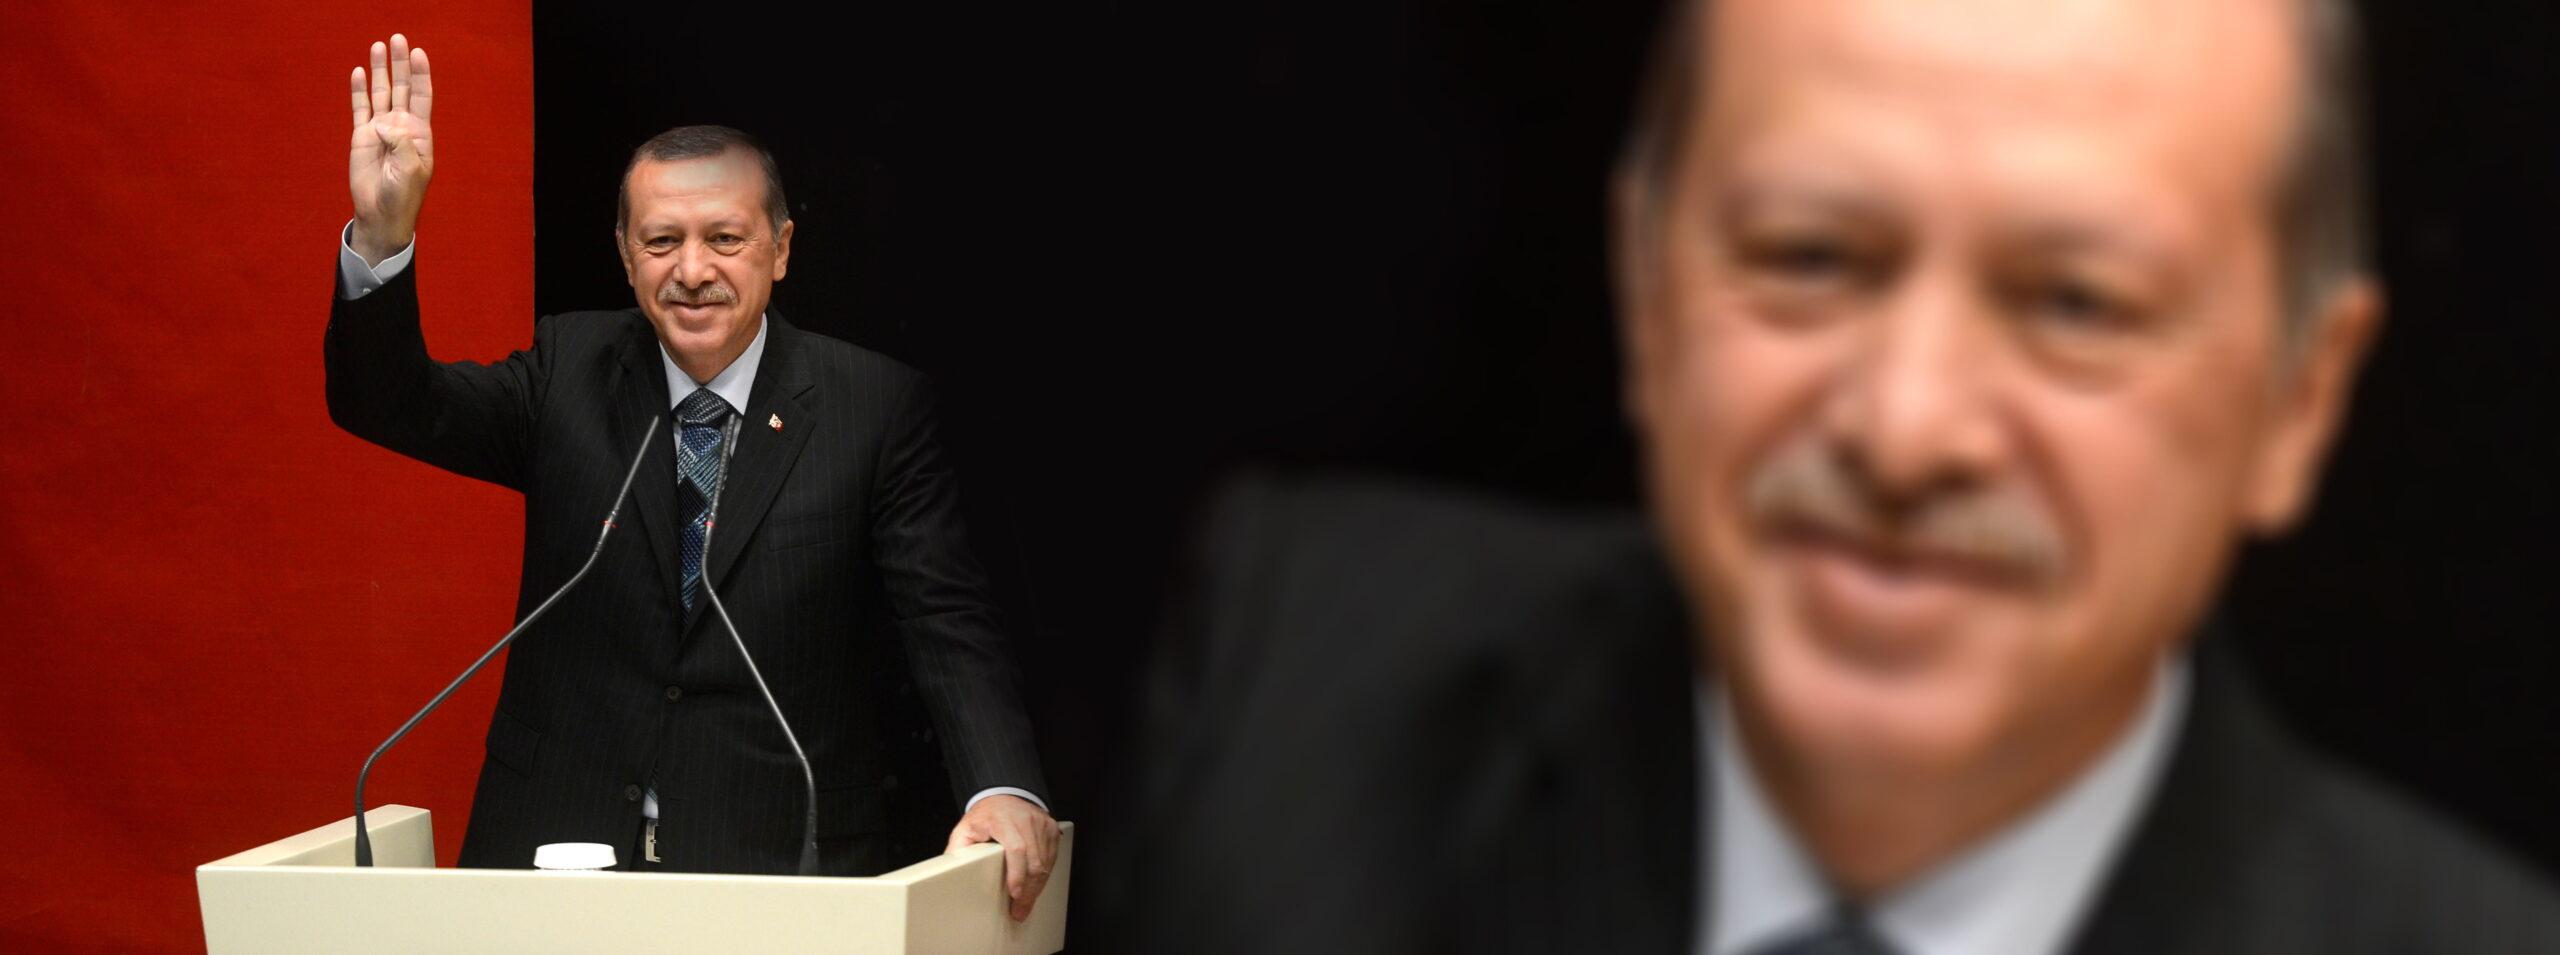 Η τουρκική κεντρική τράπεζα διατηρεί επιτόκια.  Η λίρα ανεβαίνει στα 9,72 σε ευρώ